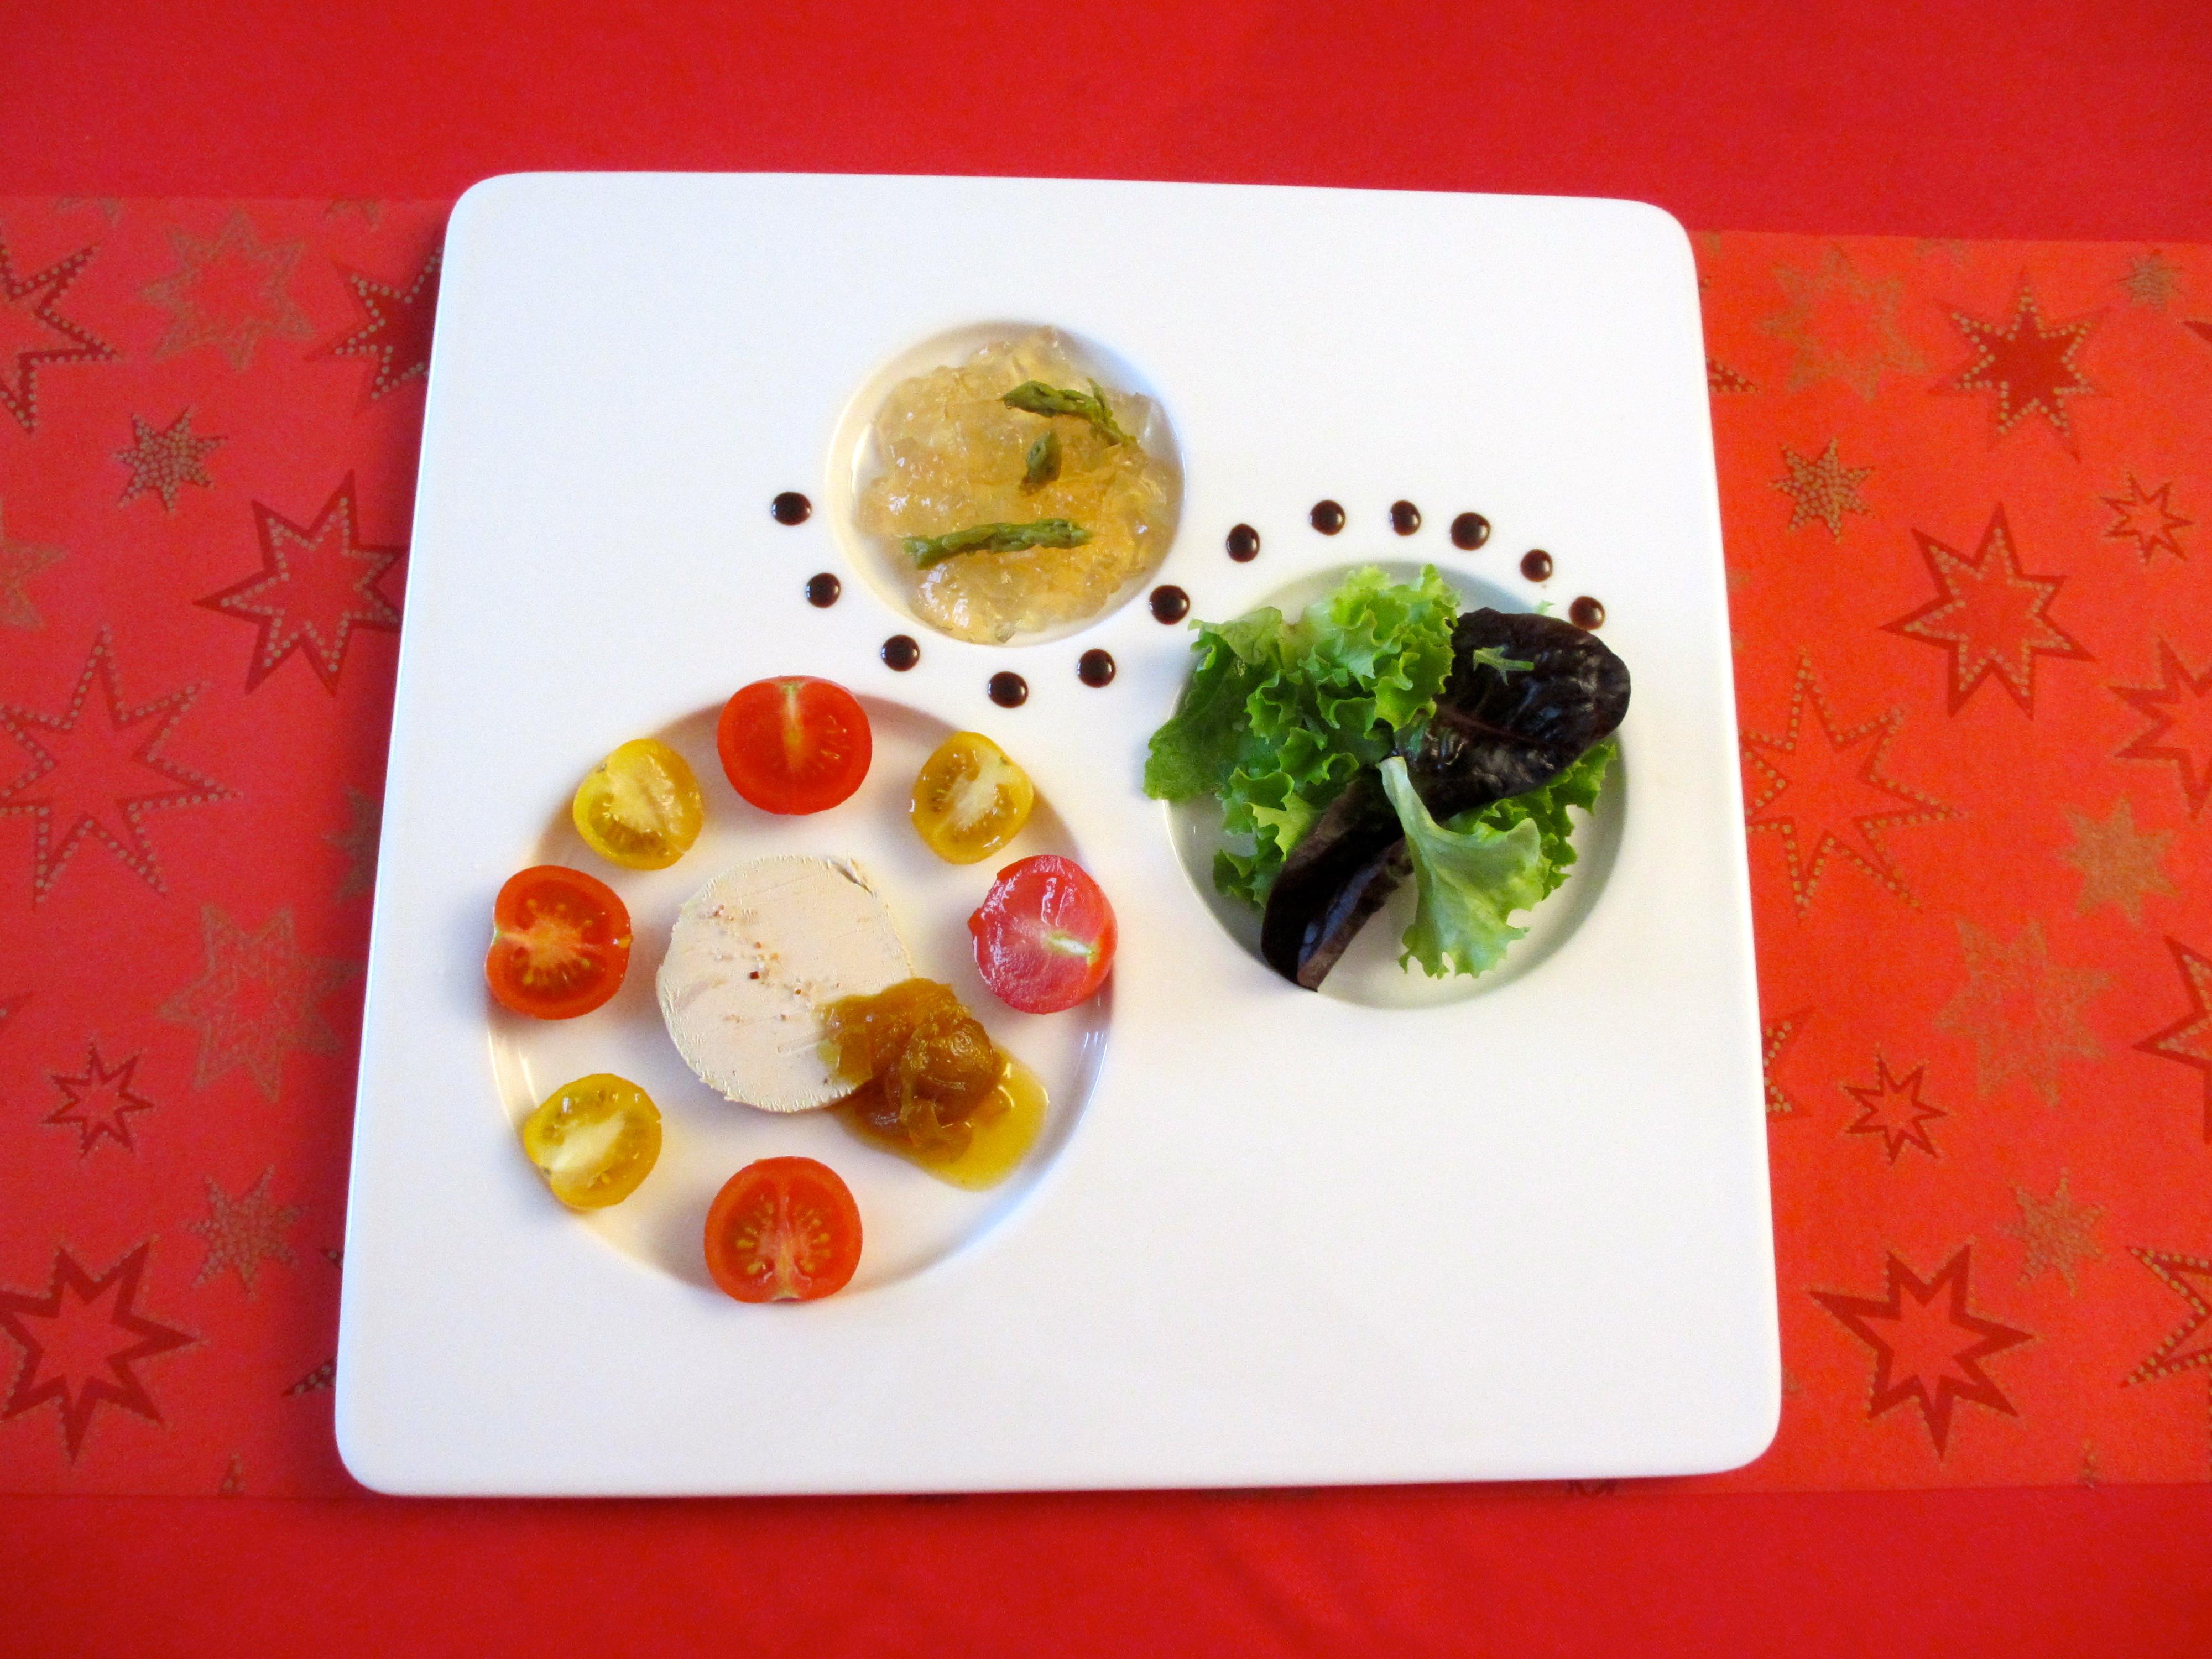 Assiette de foie gras et ses accompagnements diet - Decoration assiette de foie gras photo ...